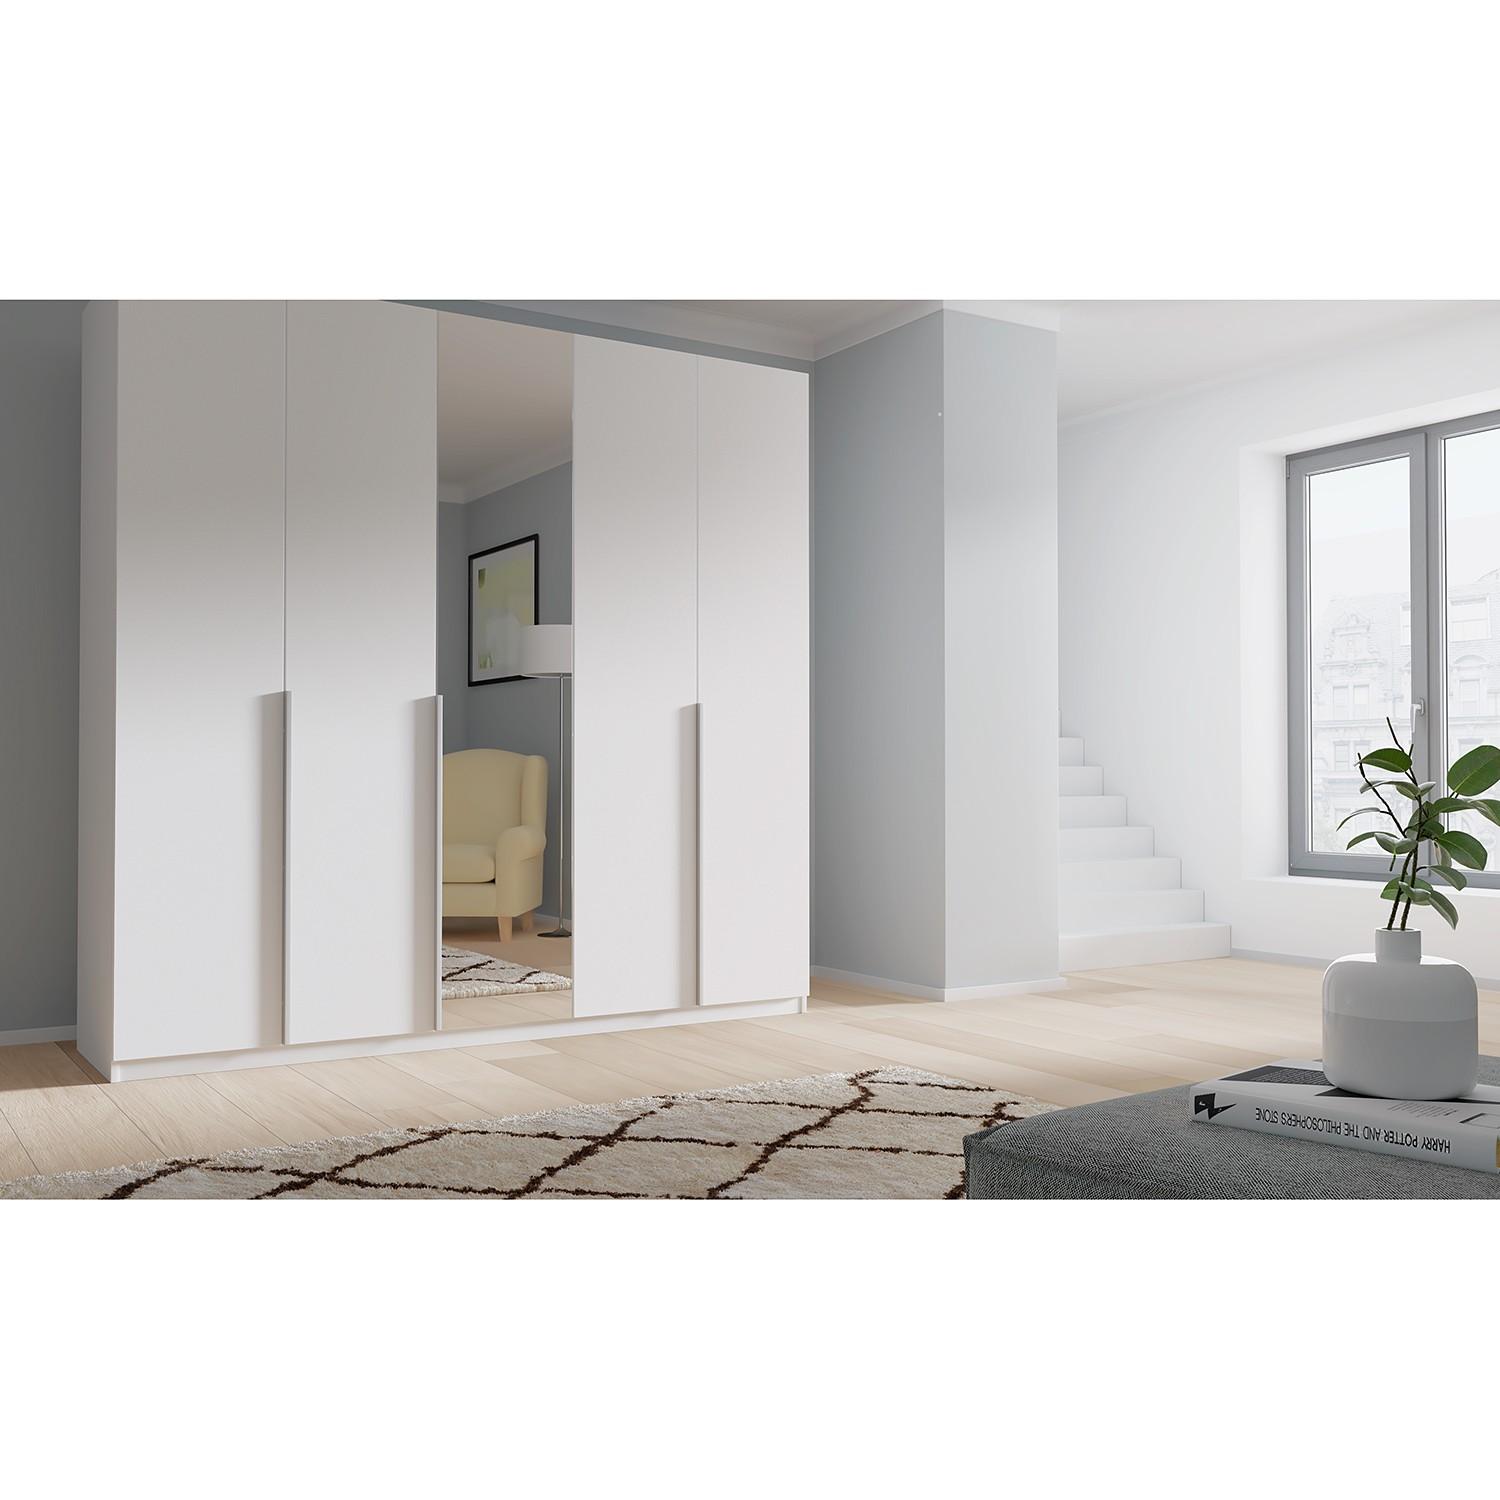 Schlafzimmermöbel - Drehtuerenschrank SKOEP XIII - SKOEP - Weiss